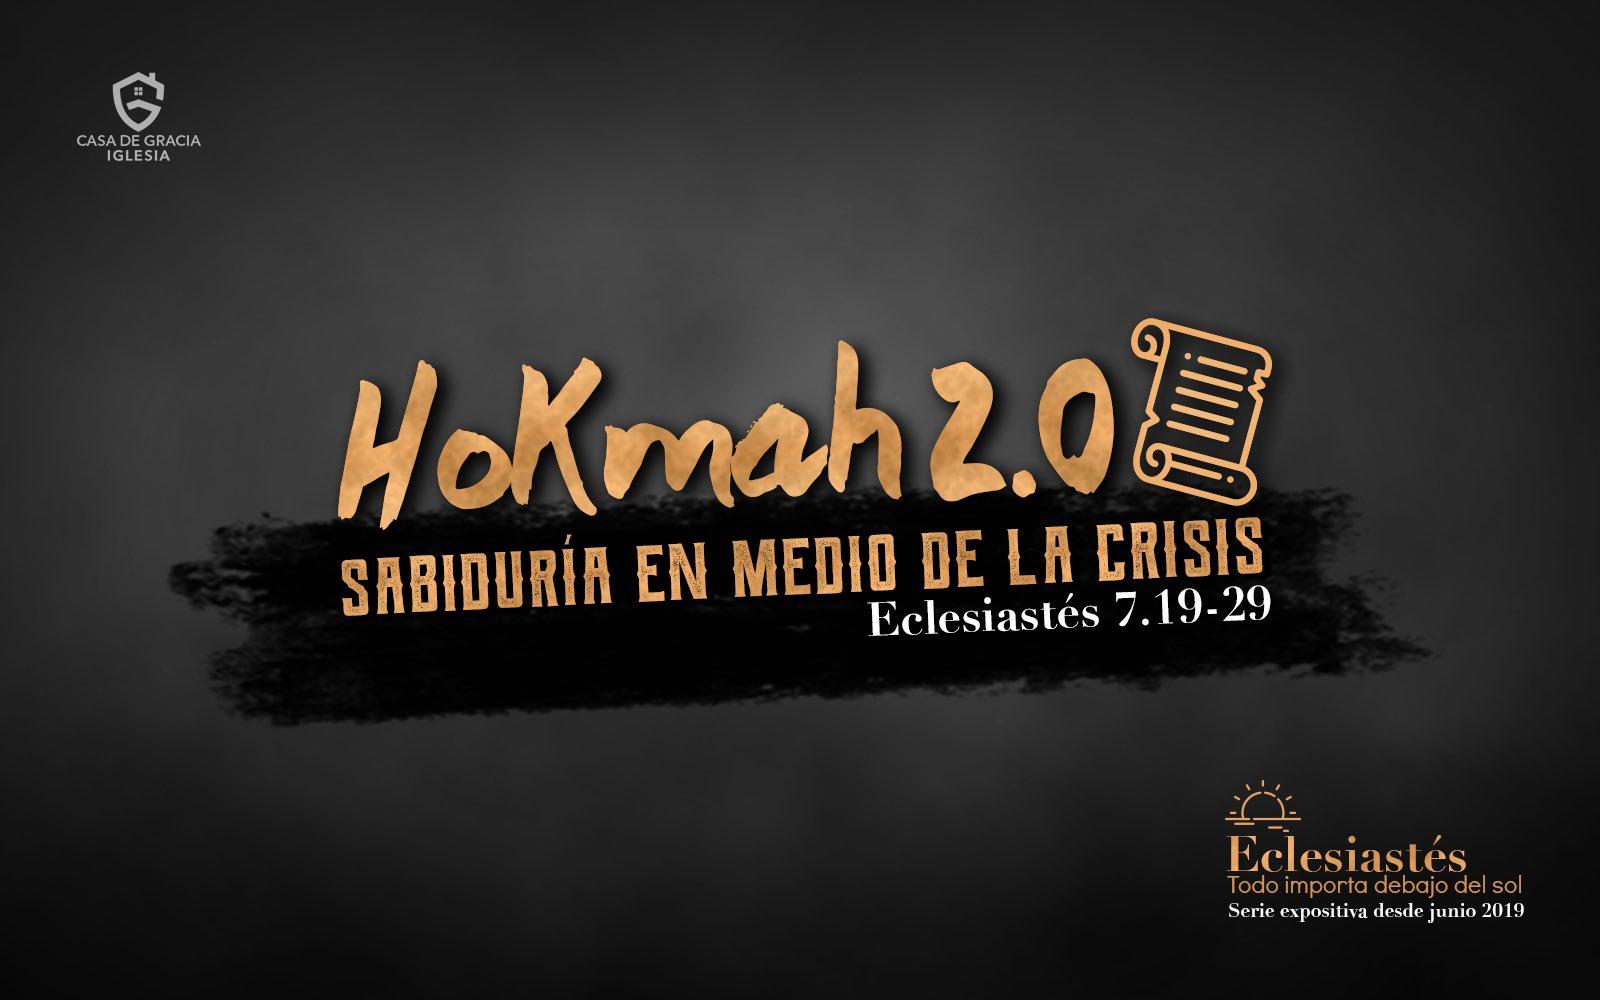 Hokmah 2.0: Sabiduría en medio de la crisis - Iglesia Casa de Gracia